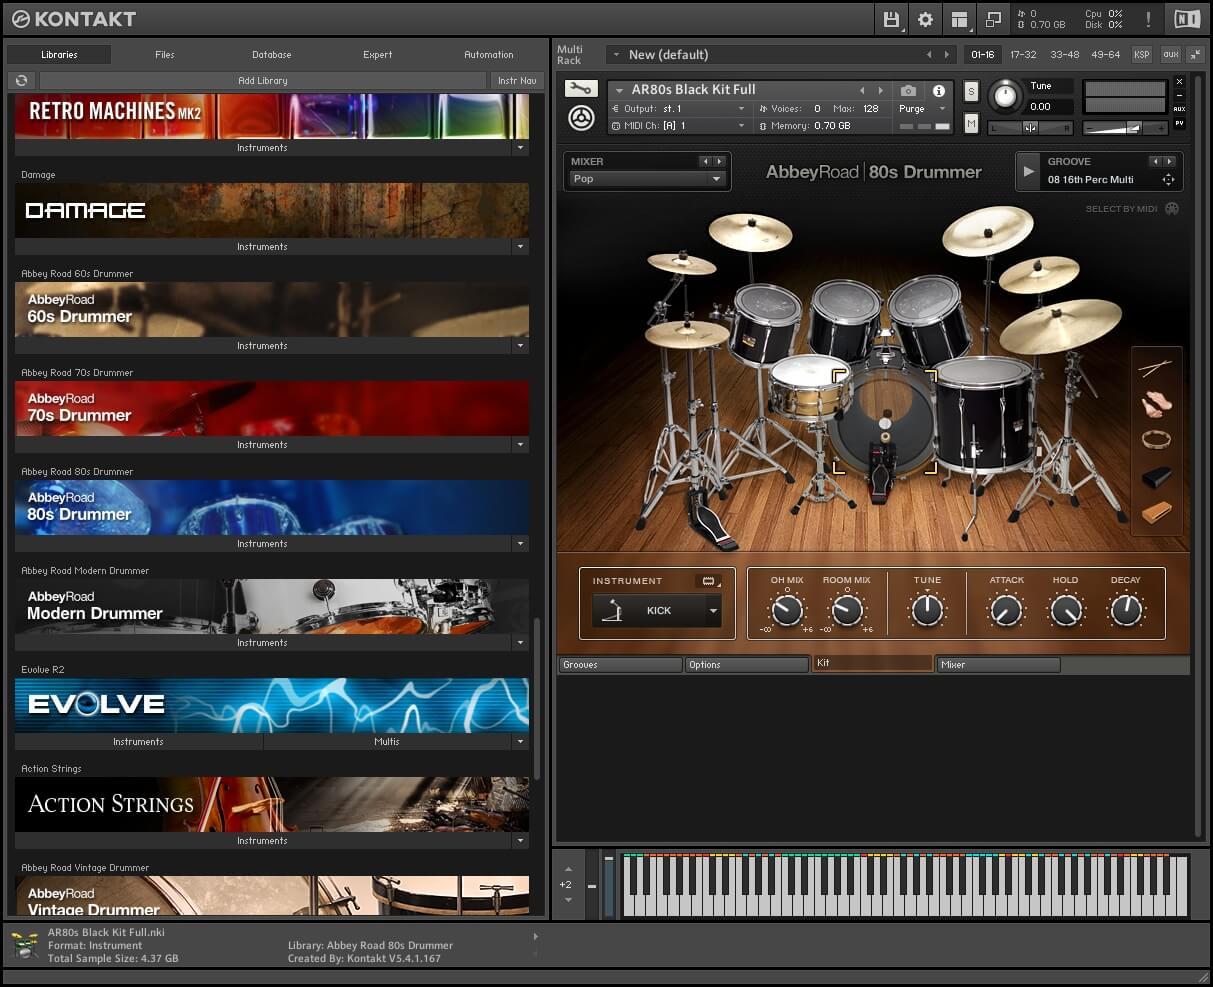 Native Instruments Kontakt 6.6 ⚡ MEGA Full Download